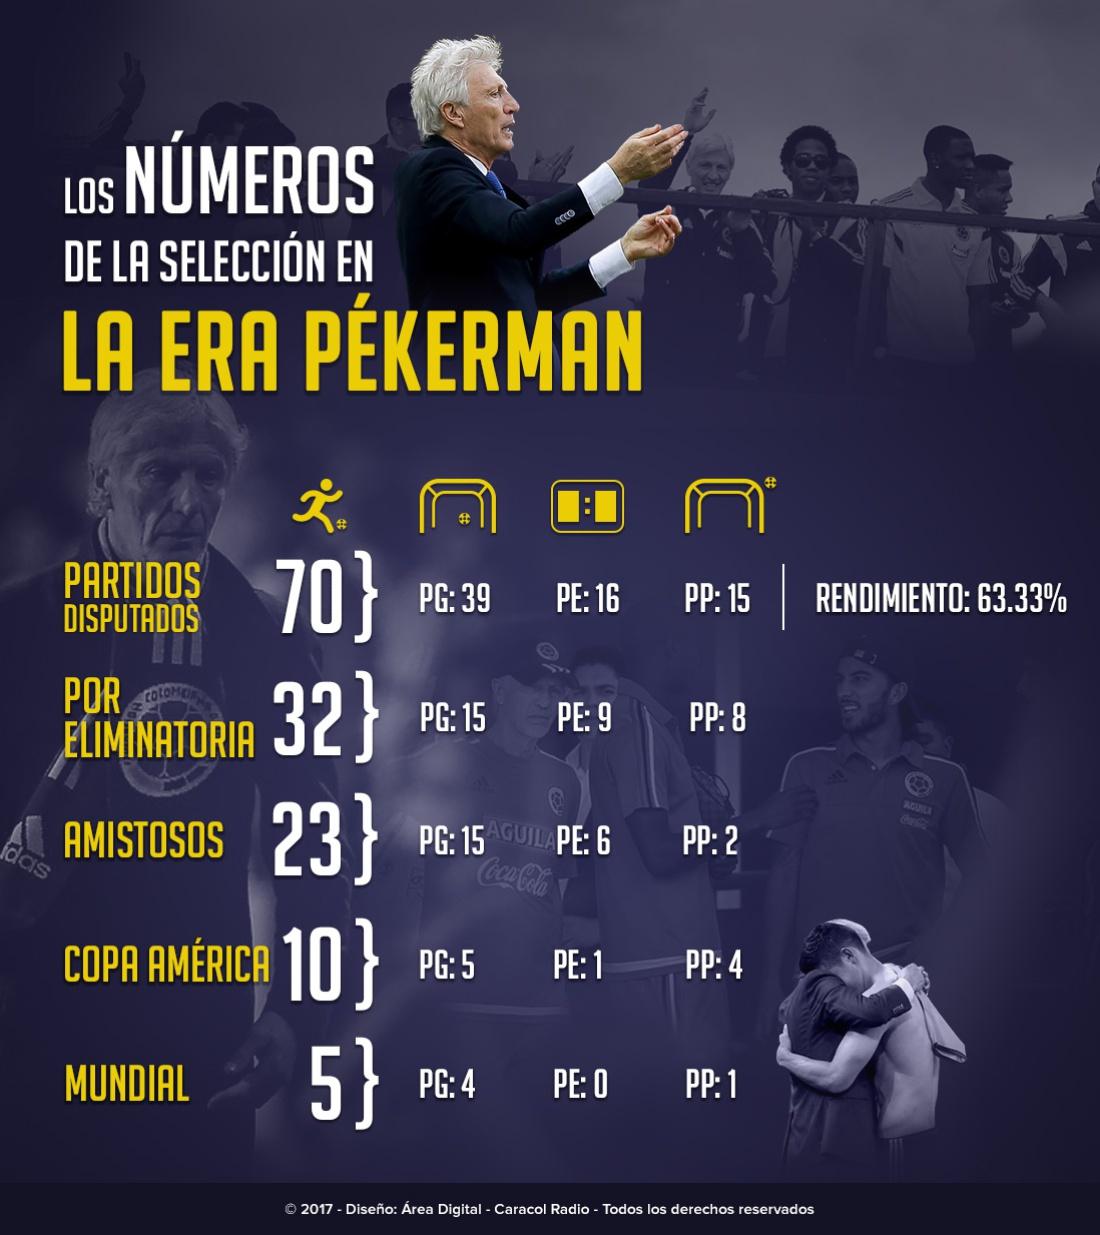 Números José Pekerman Selección Colombia: Los números de José Pékerman al frente de la Selección Colombia